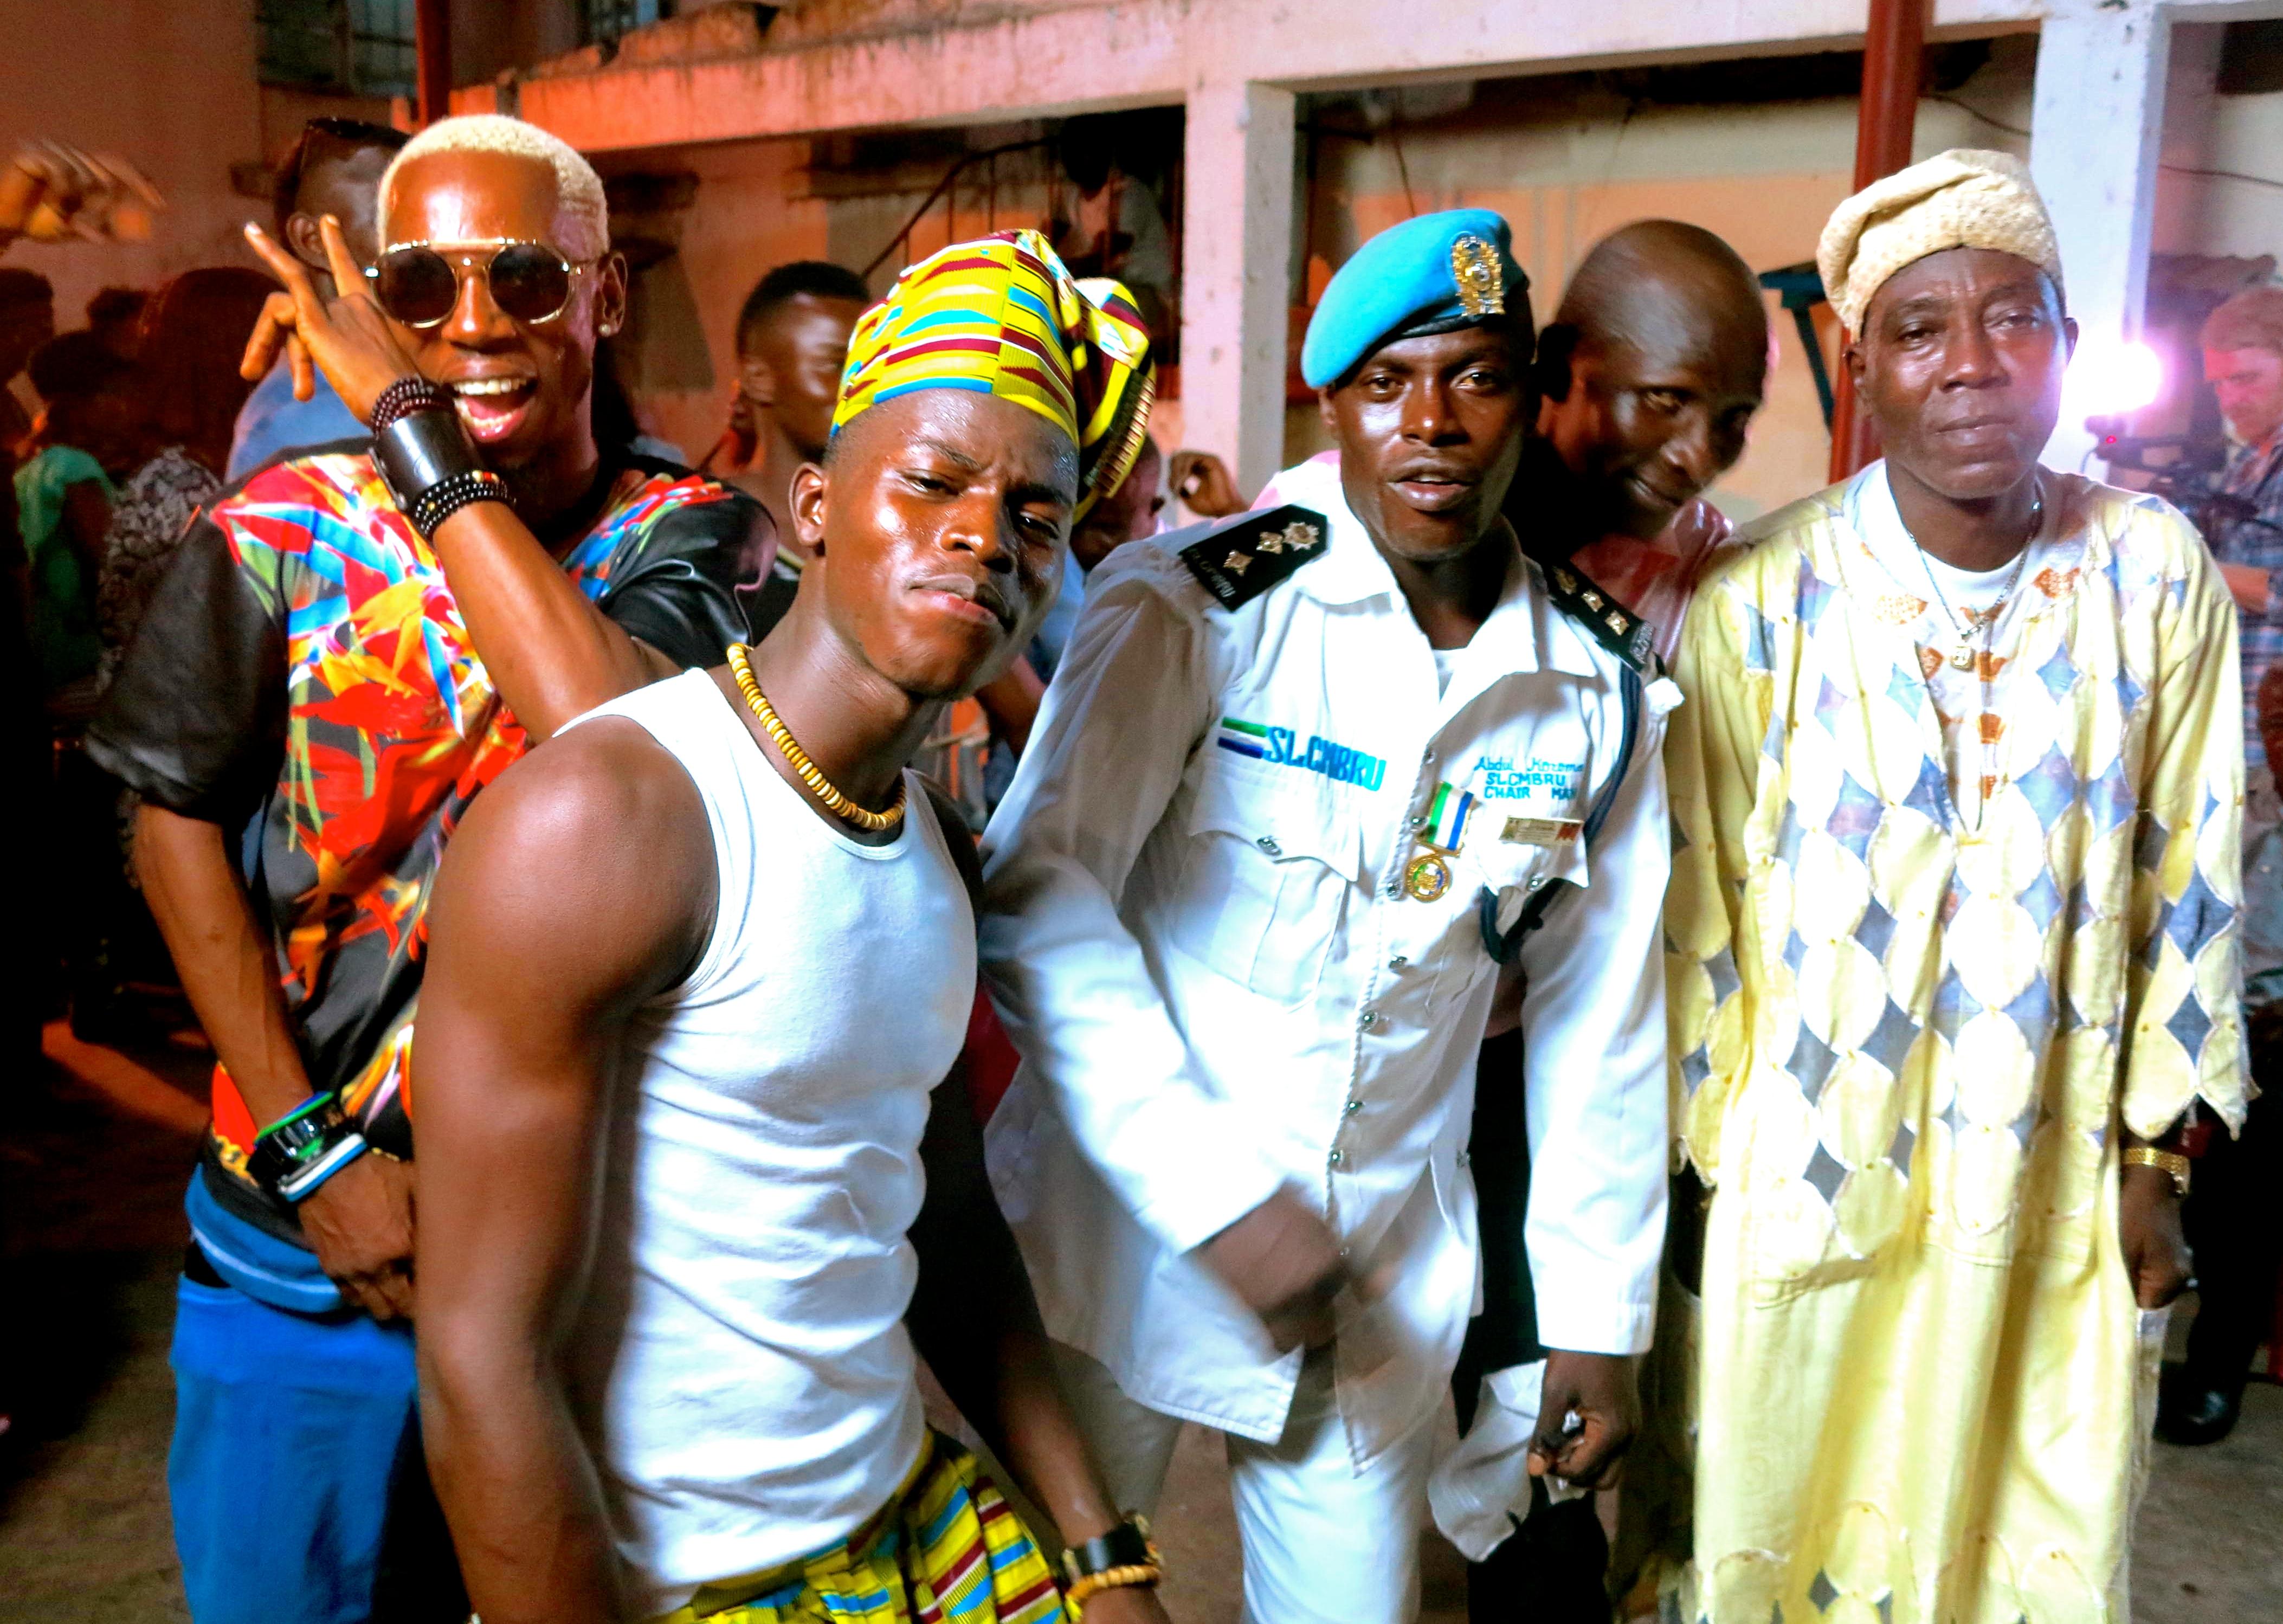 Sierra Leone Street Style Sbs Life